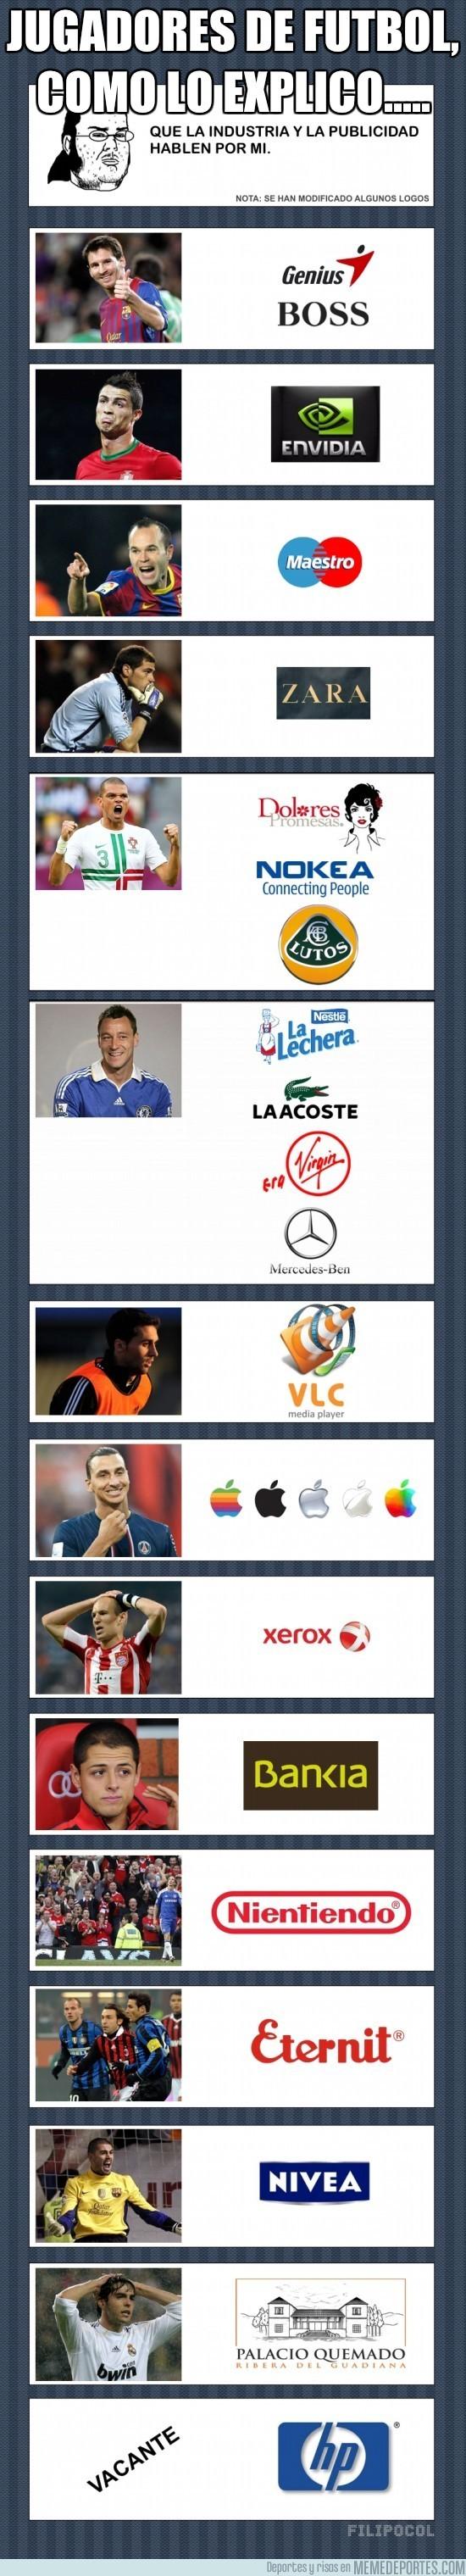 46327 - Jugadores vs marcas